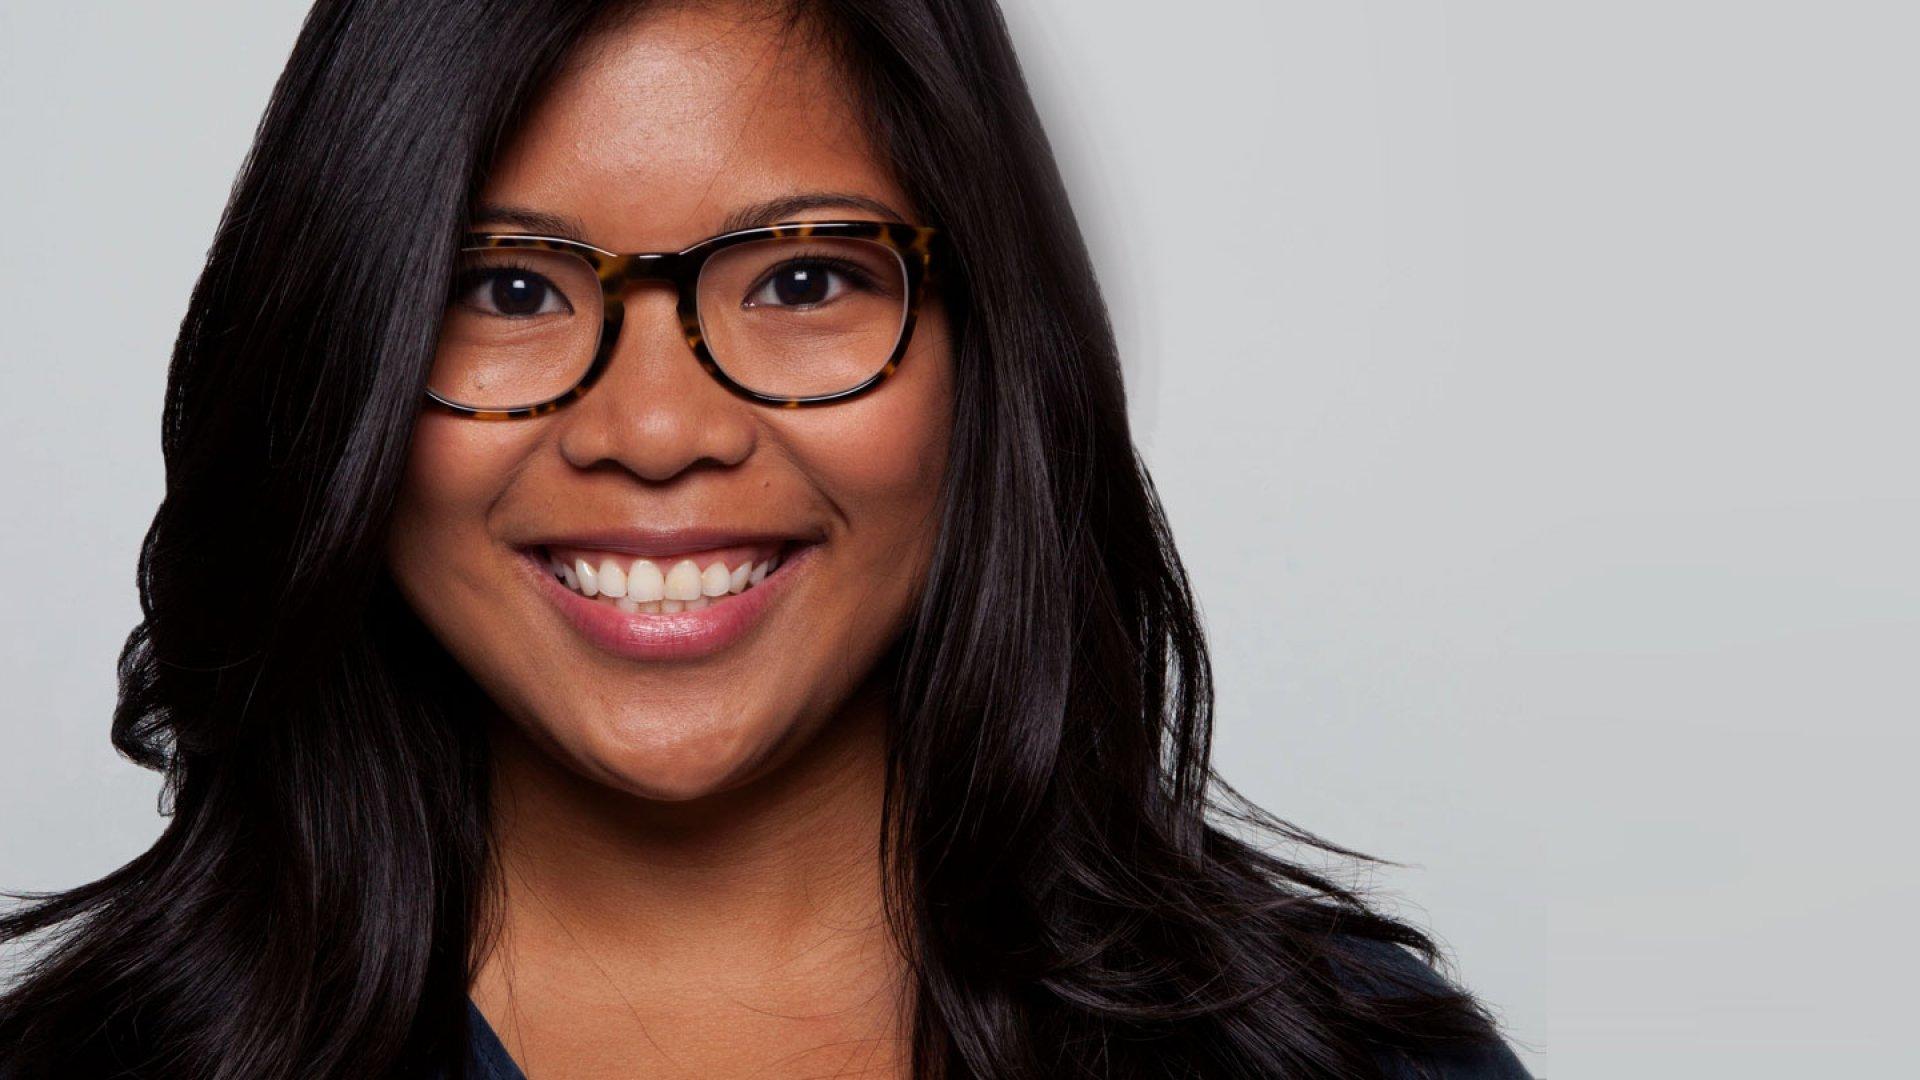 Jen Rubio, head of social media at Warby Parker